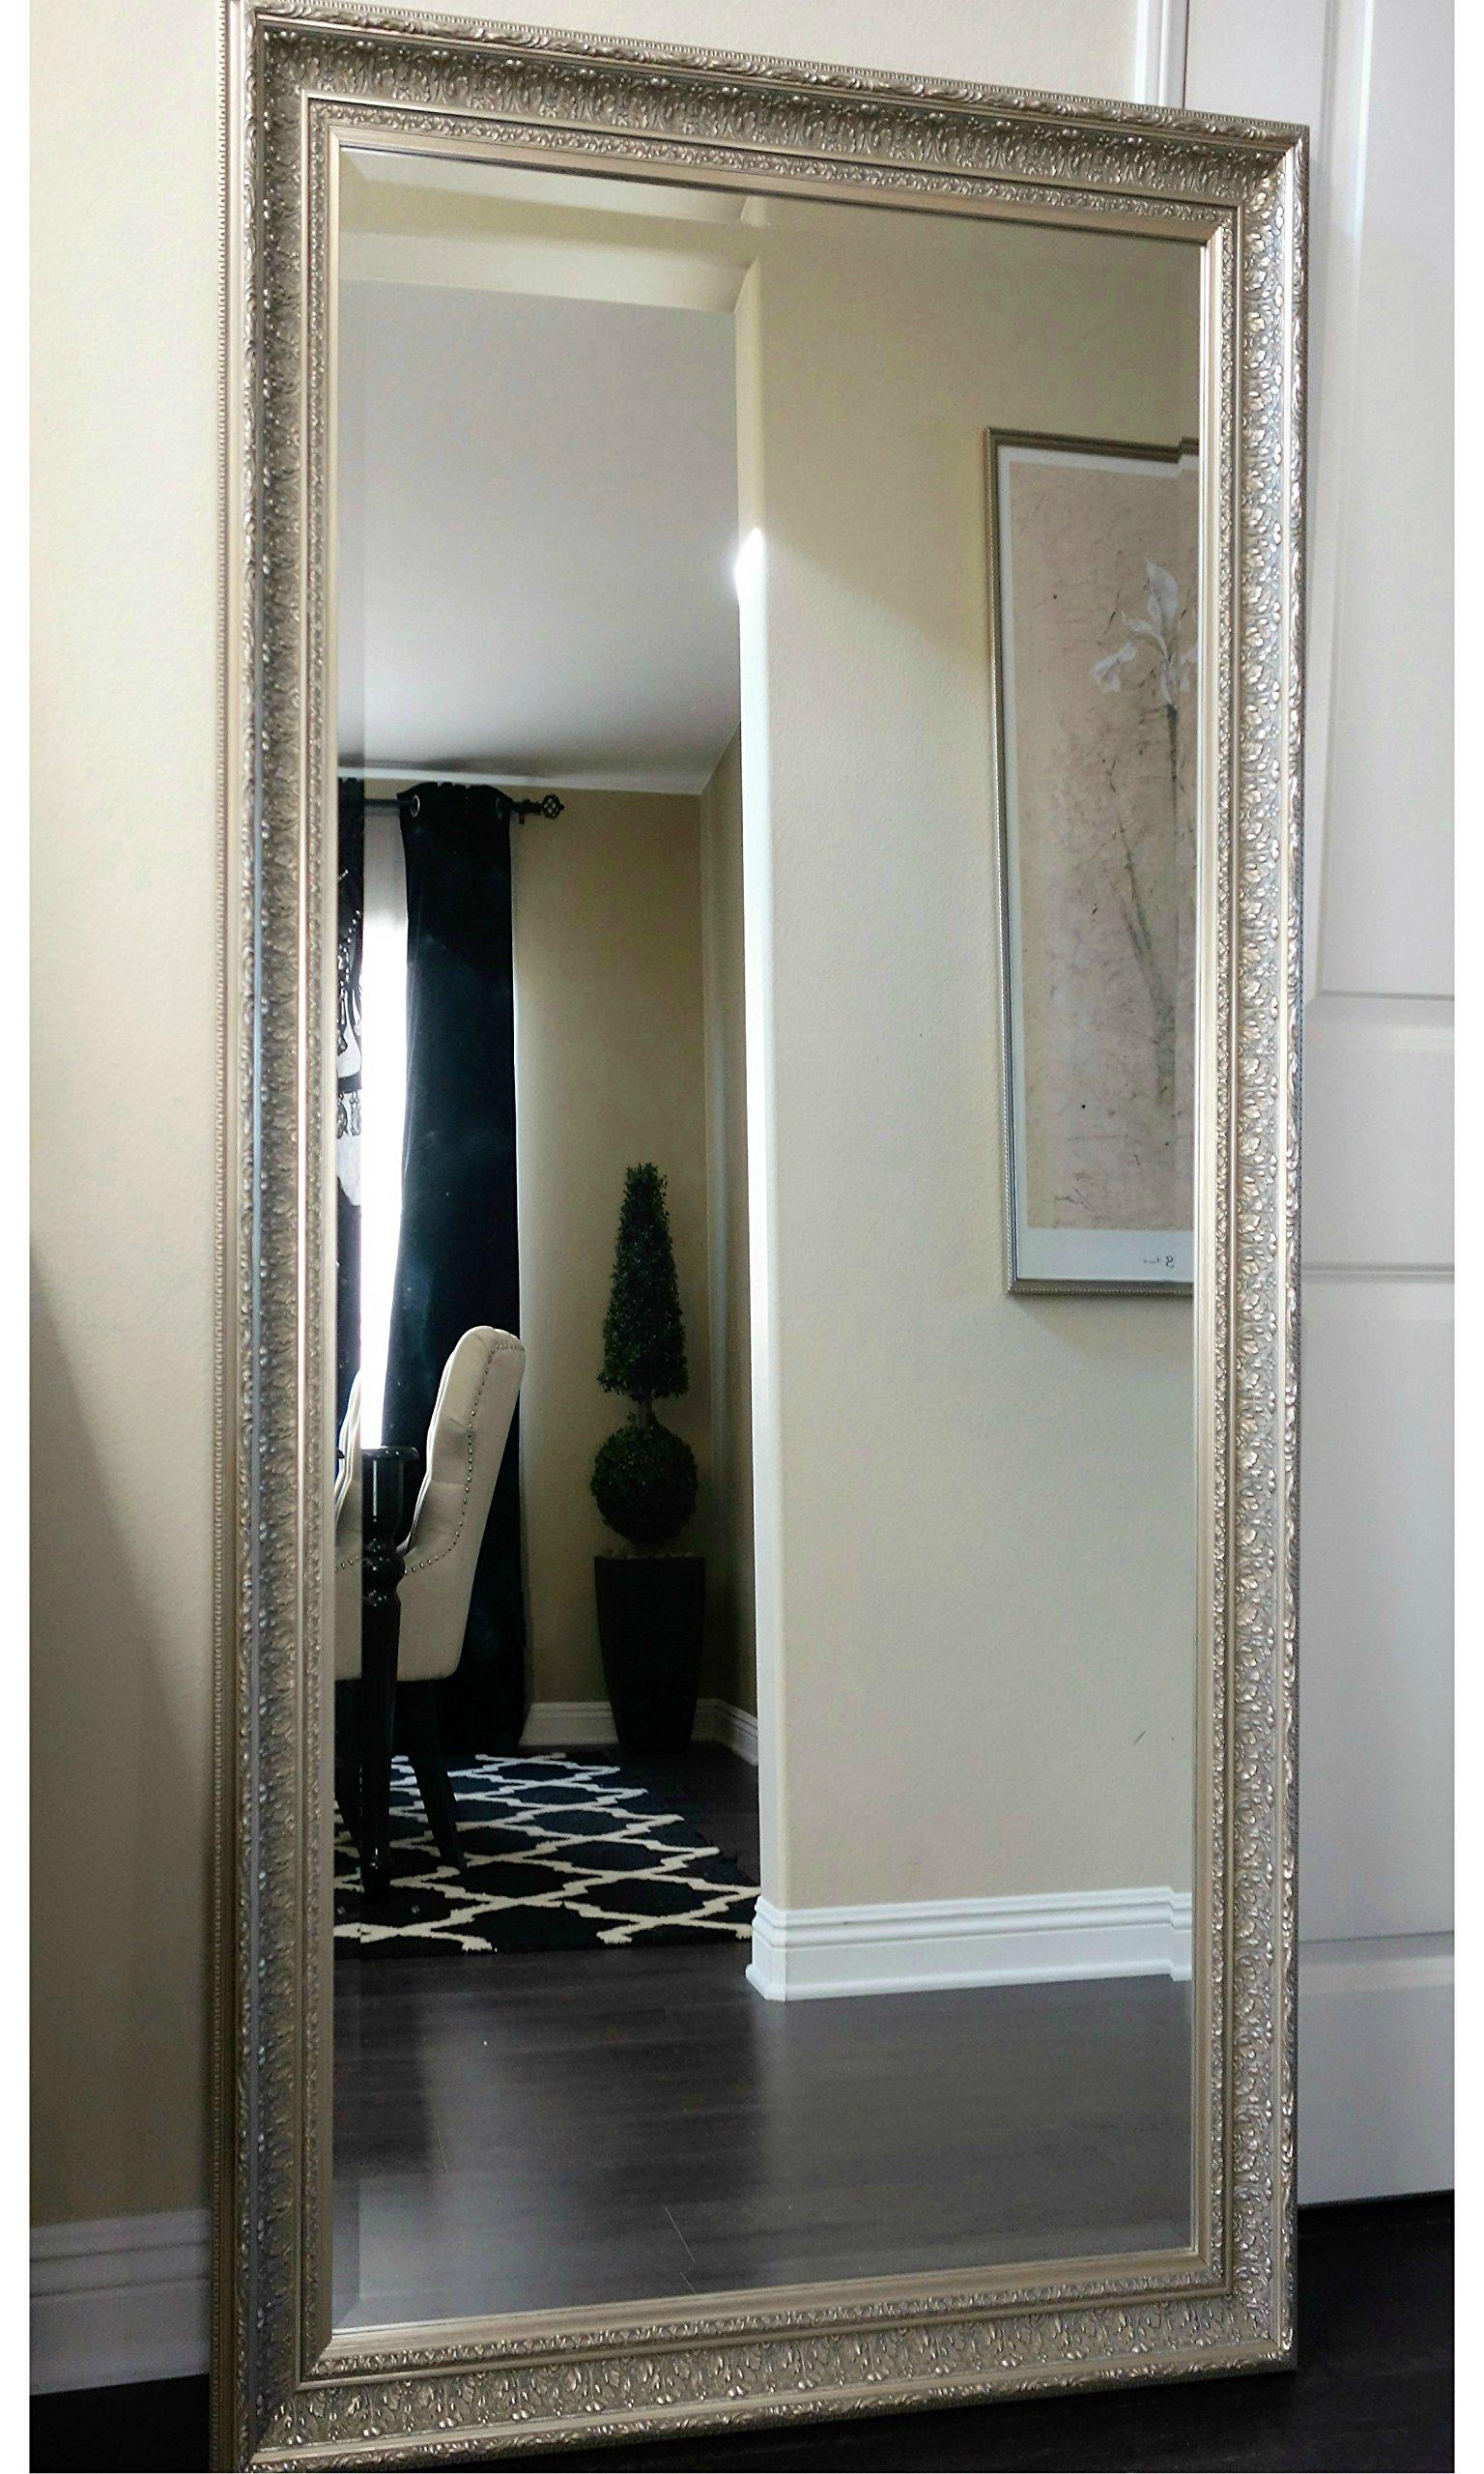 West Frames Elegance Ornate Embossed Champagne Silver Gold Wood Framed Floor Mirror